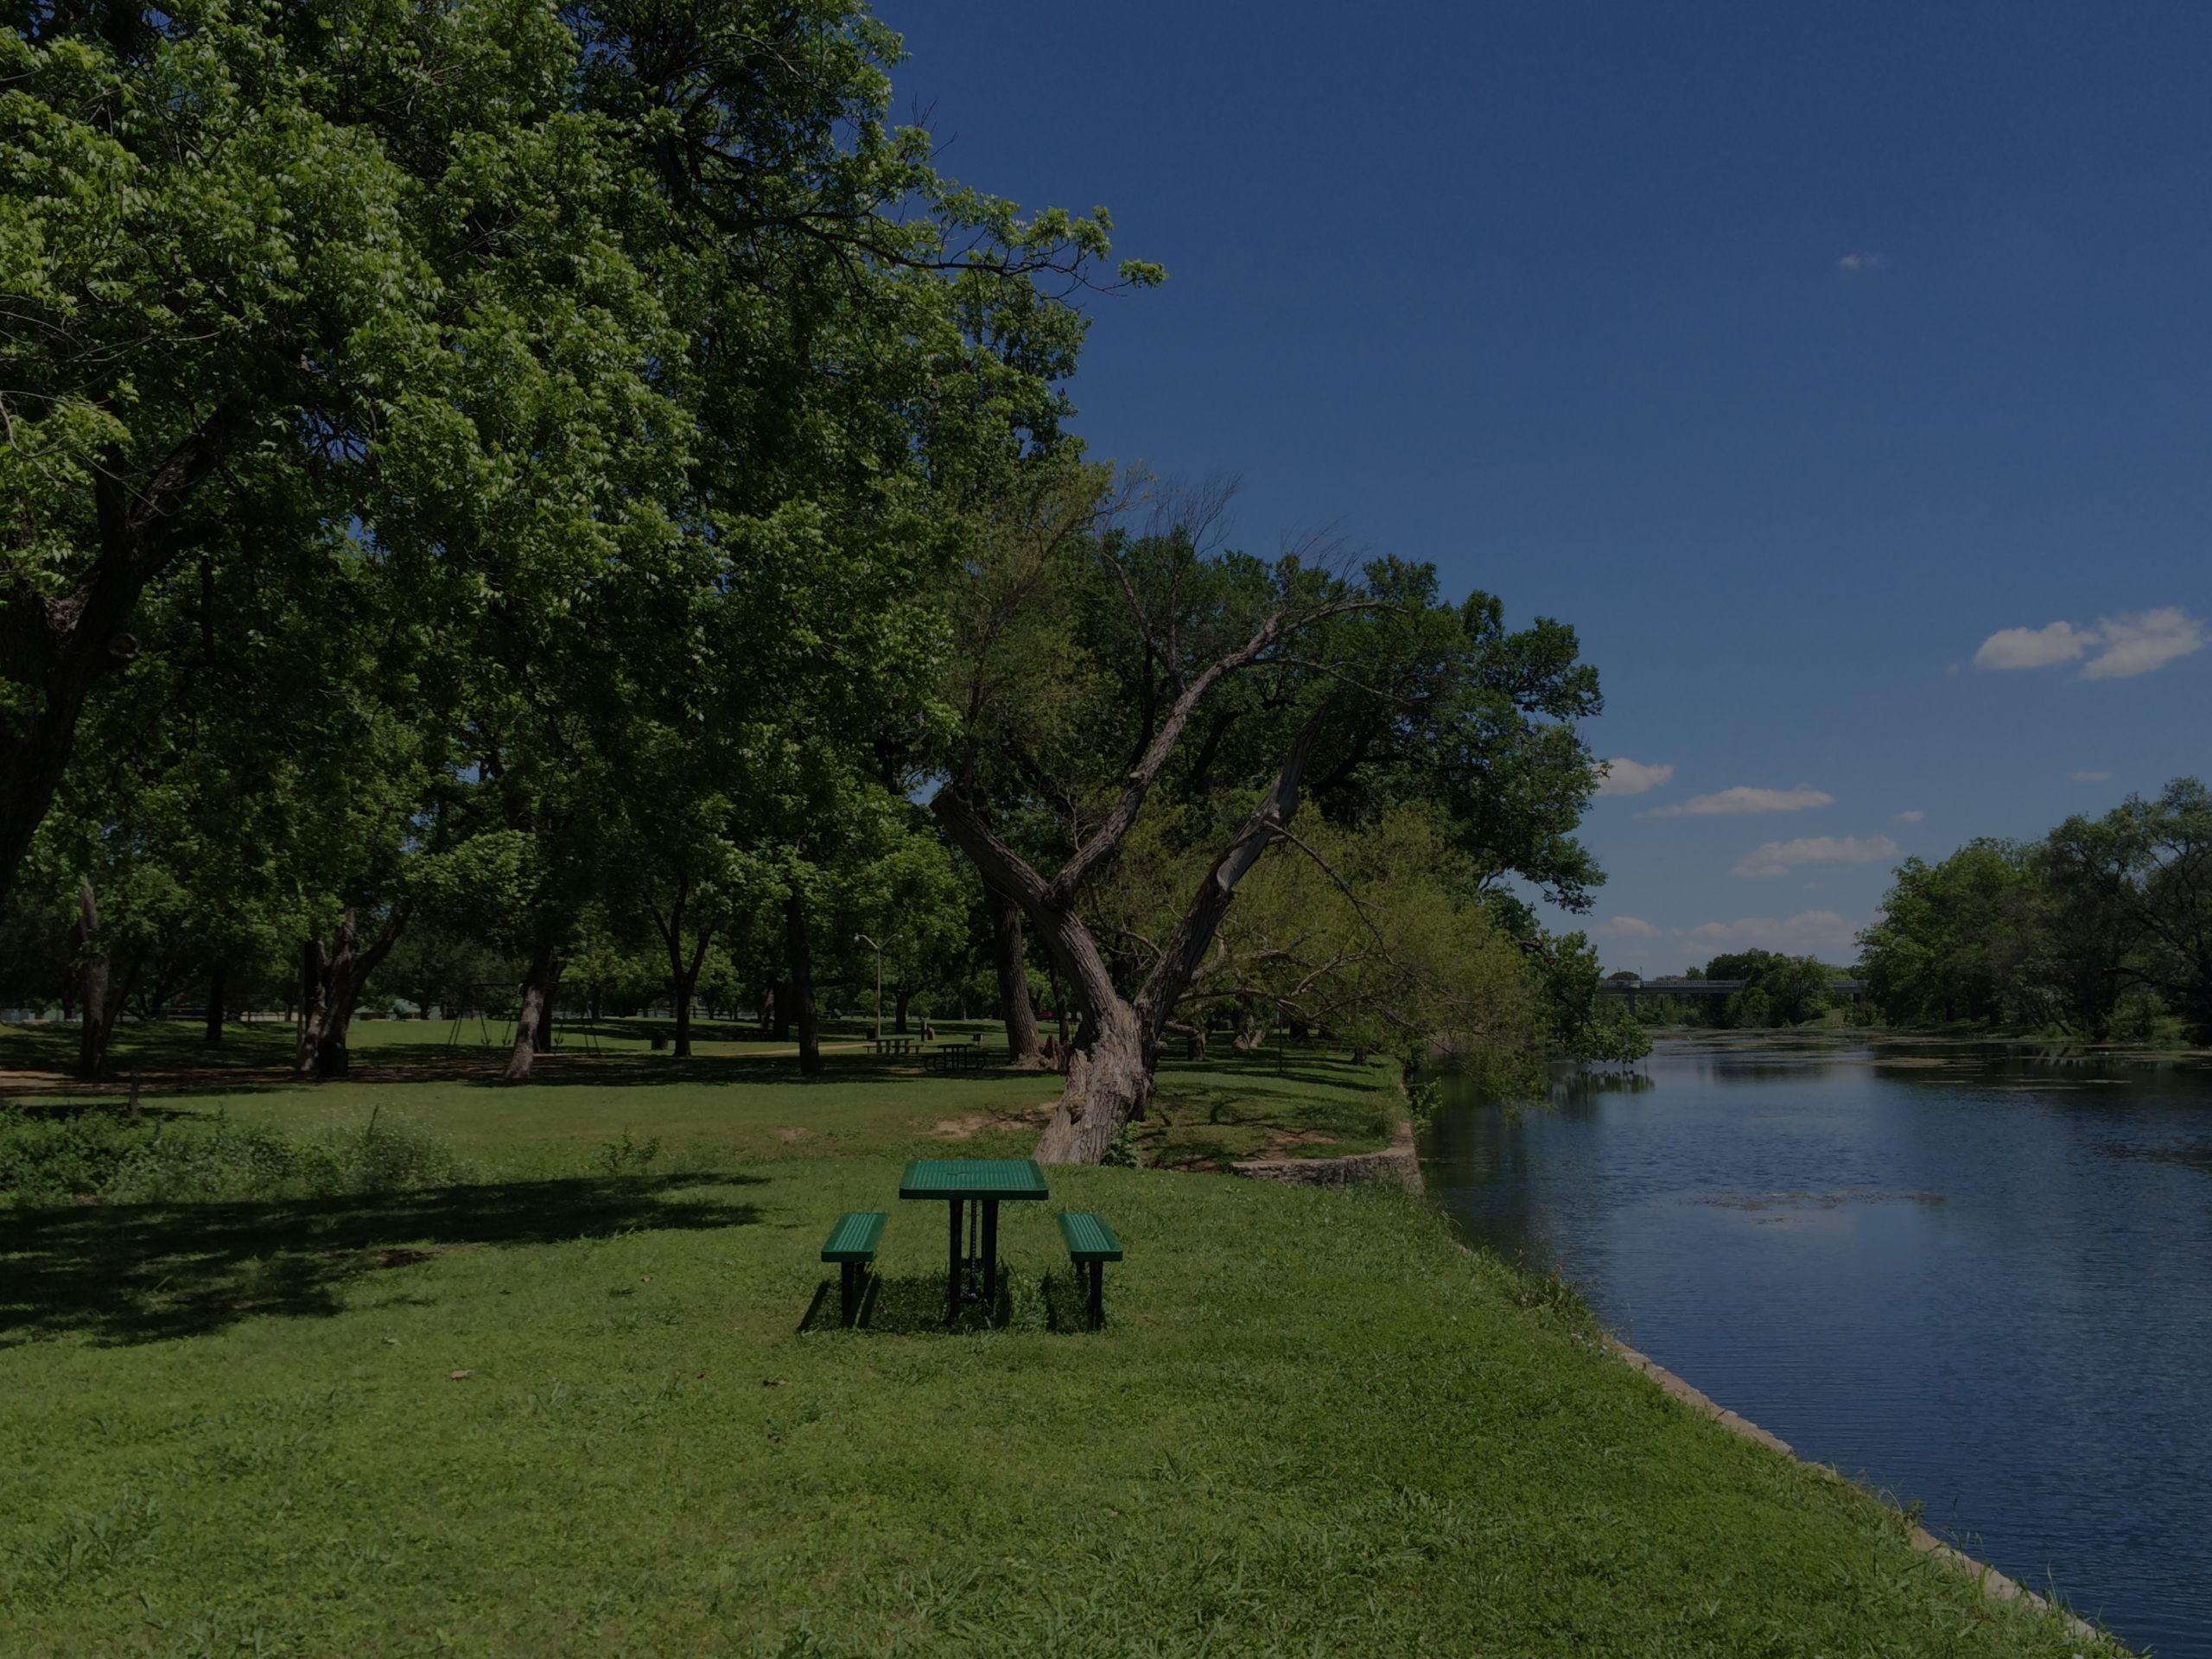 San Gabriel Park and River